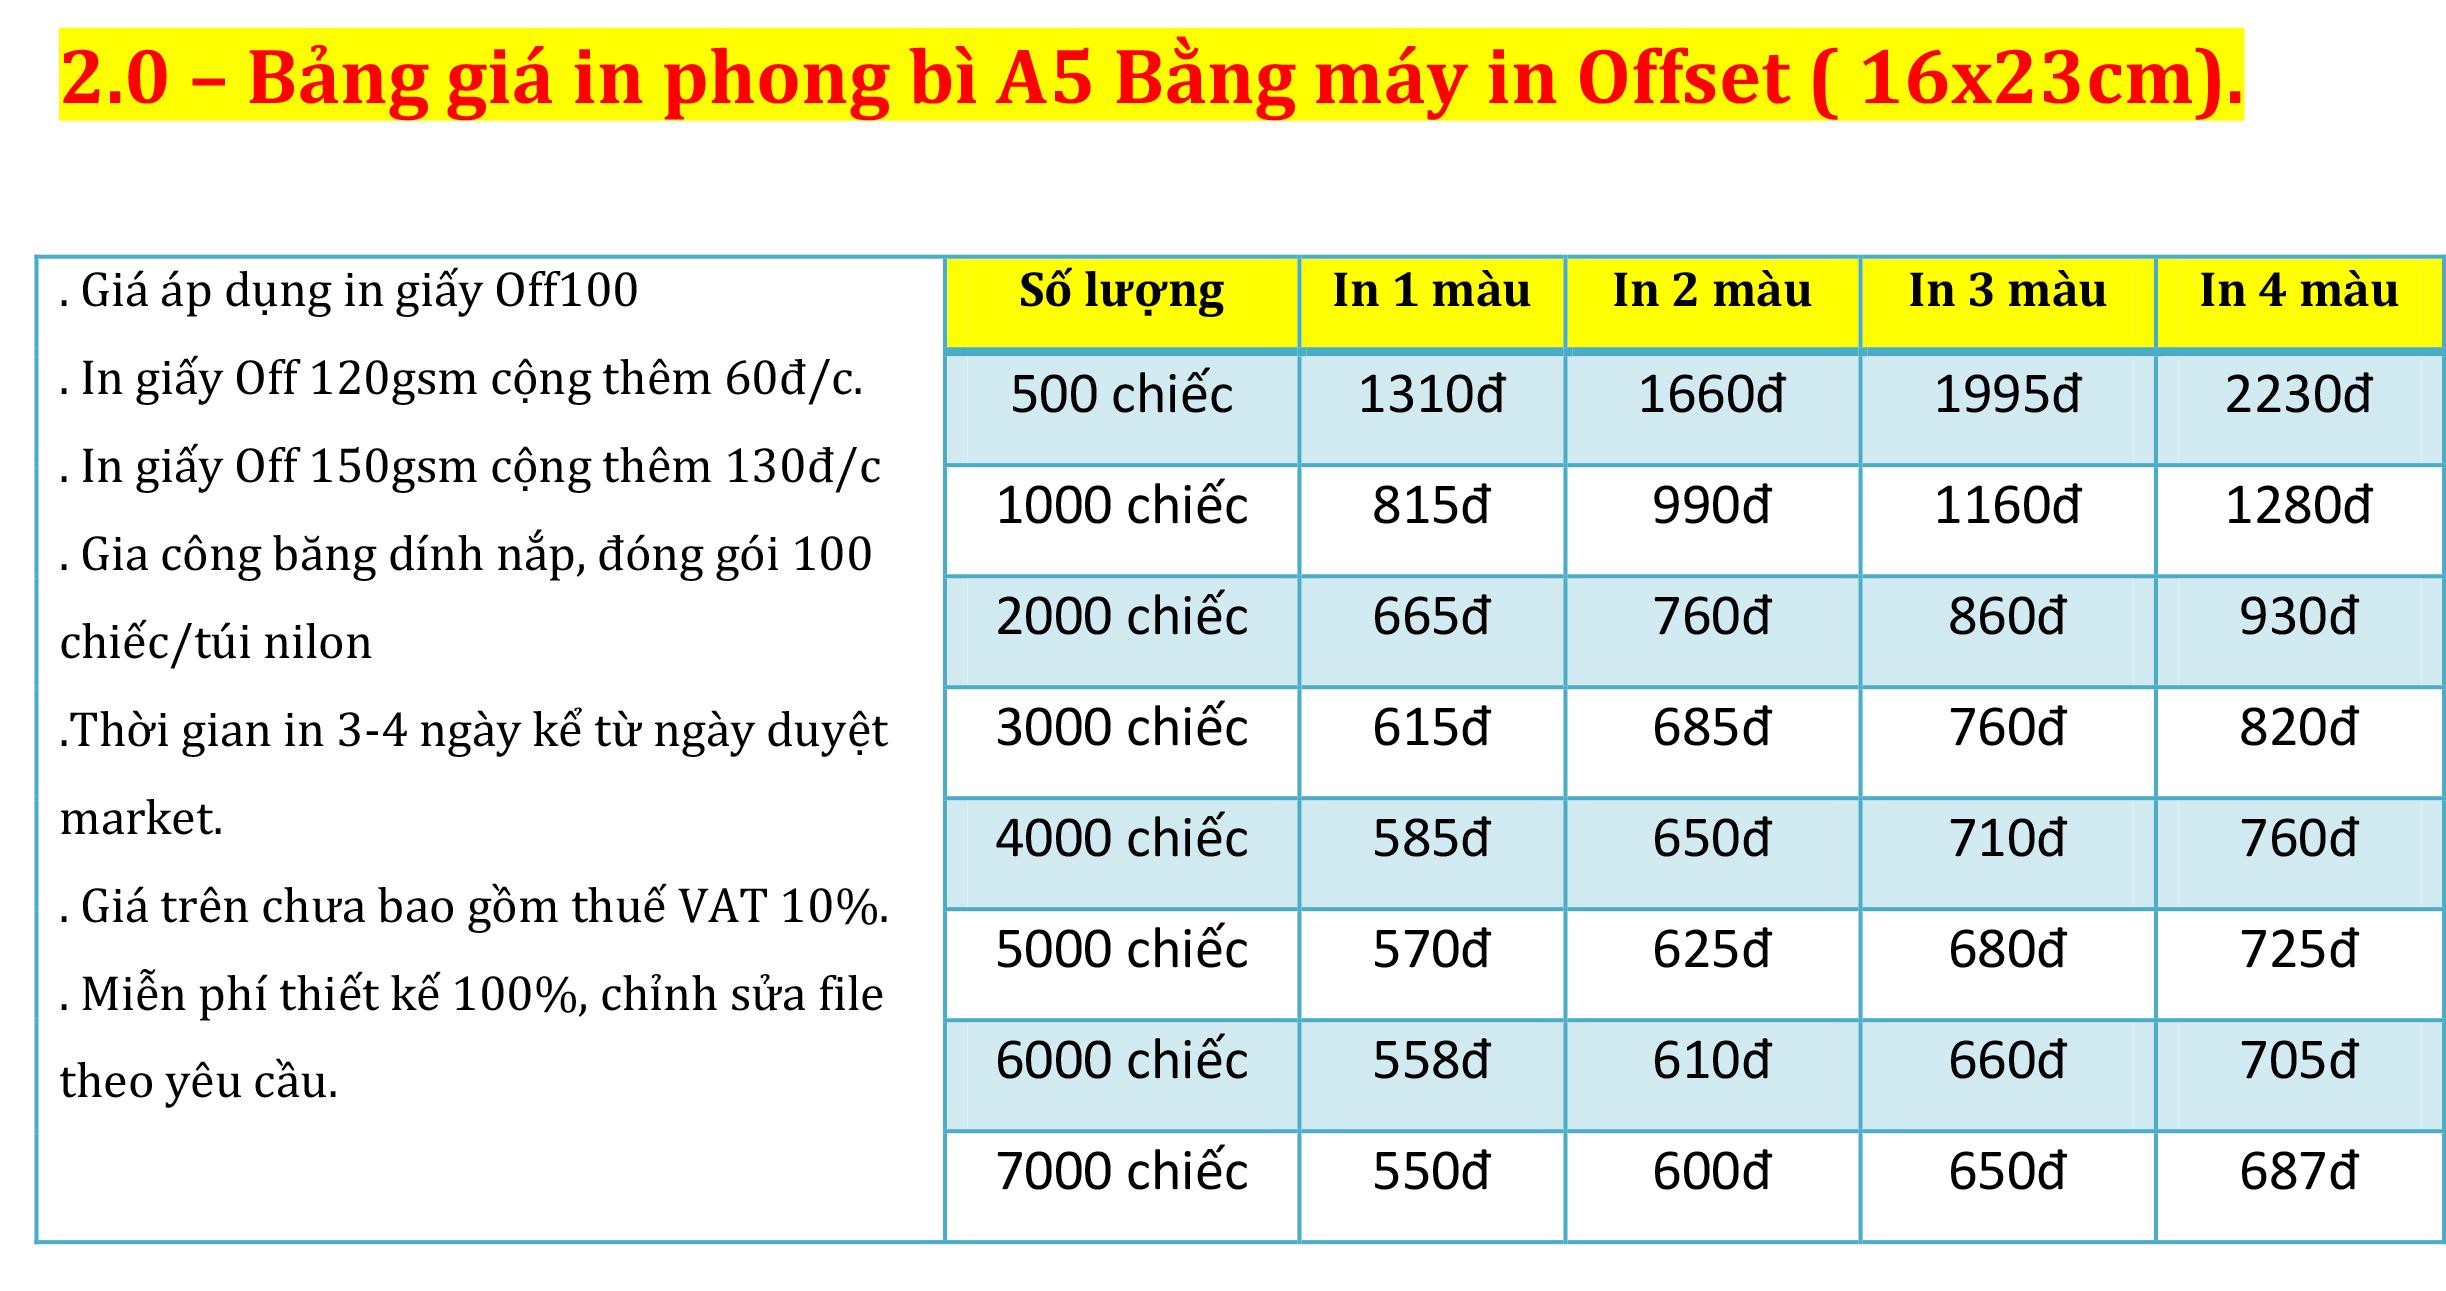 1.2 Bảng giá in phong bì A5 Bằng máy in Offset ( 16x23cm)..jpg